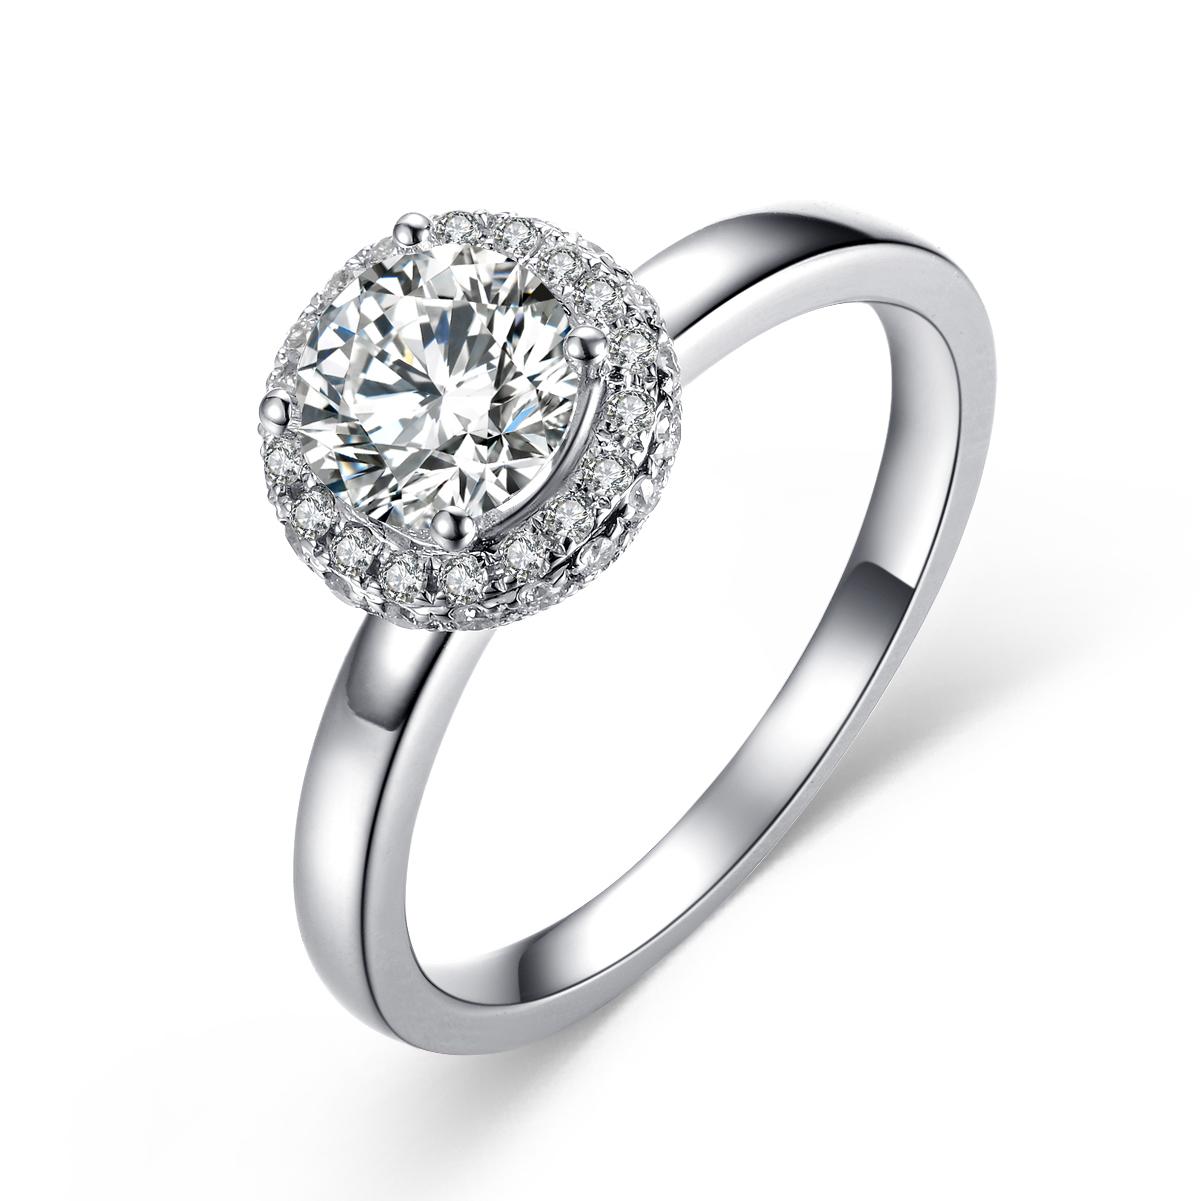 钻戒,钻石戒指,钻石投资